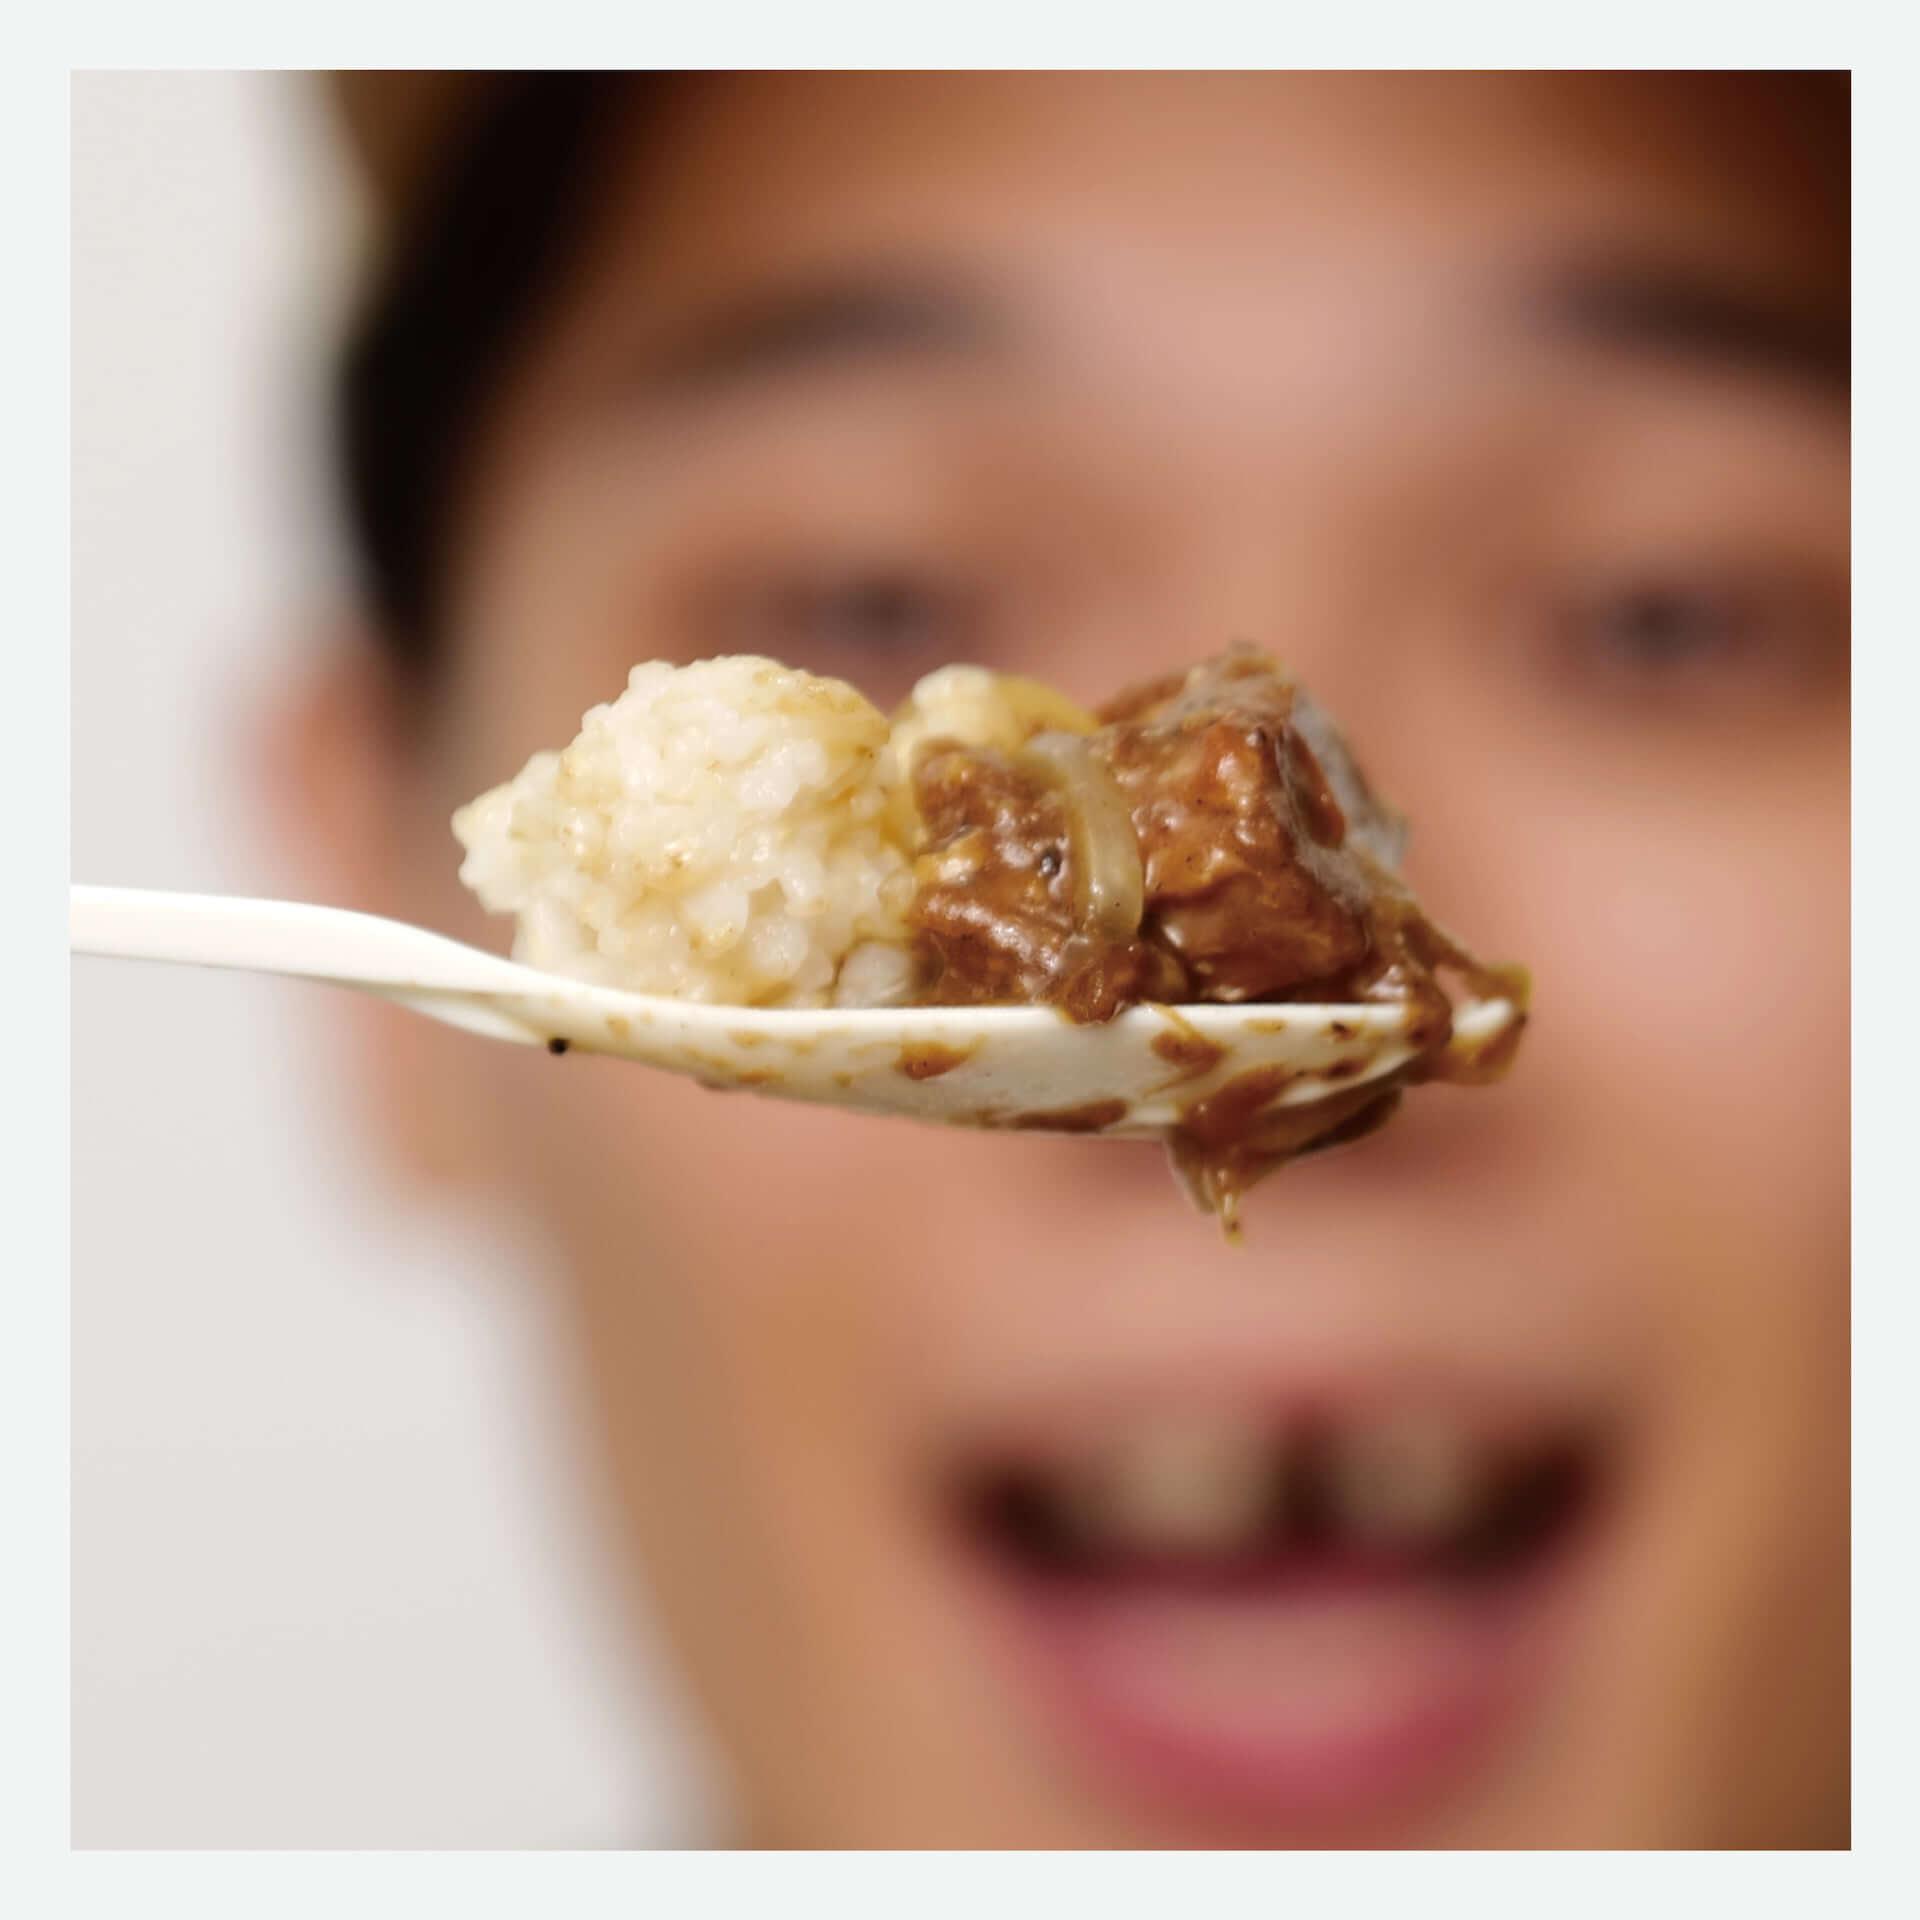 松㟢翔平のオリジナルレシピによる『小黑滷肉飯』が渋谷PELLS coffee&barにて販売開始!「味覚で台湾を感じていただけたら」 gourmet201005_matuzakishohei-luroufan_6-1920x1920